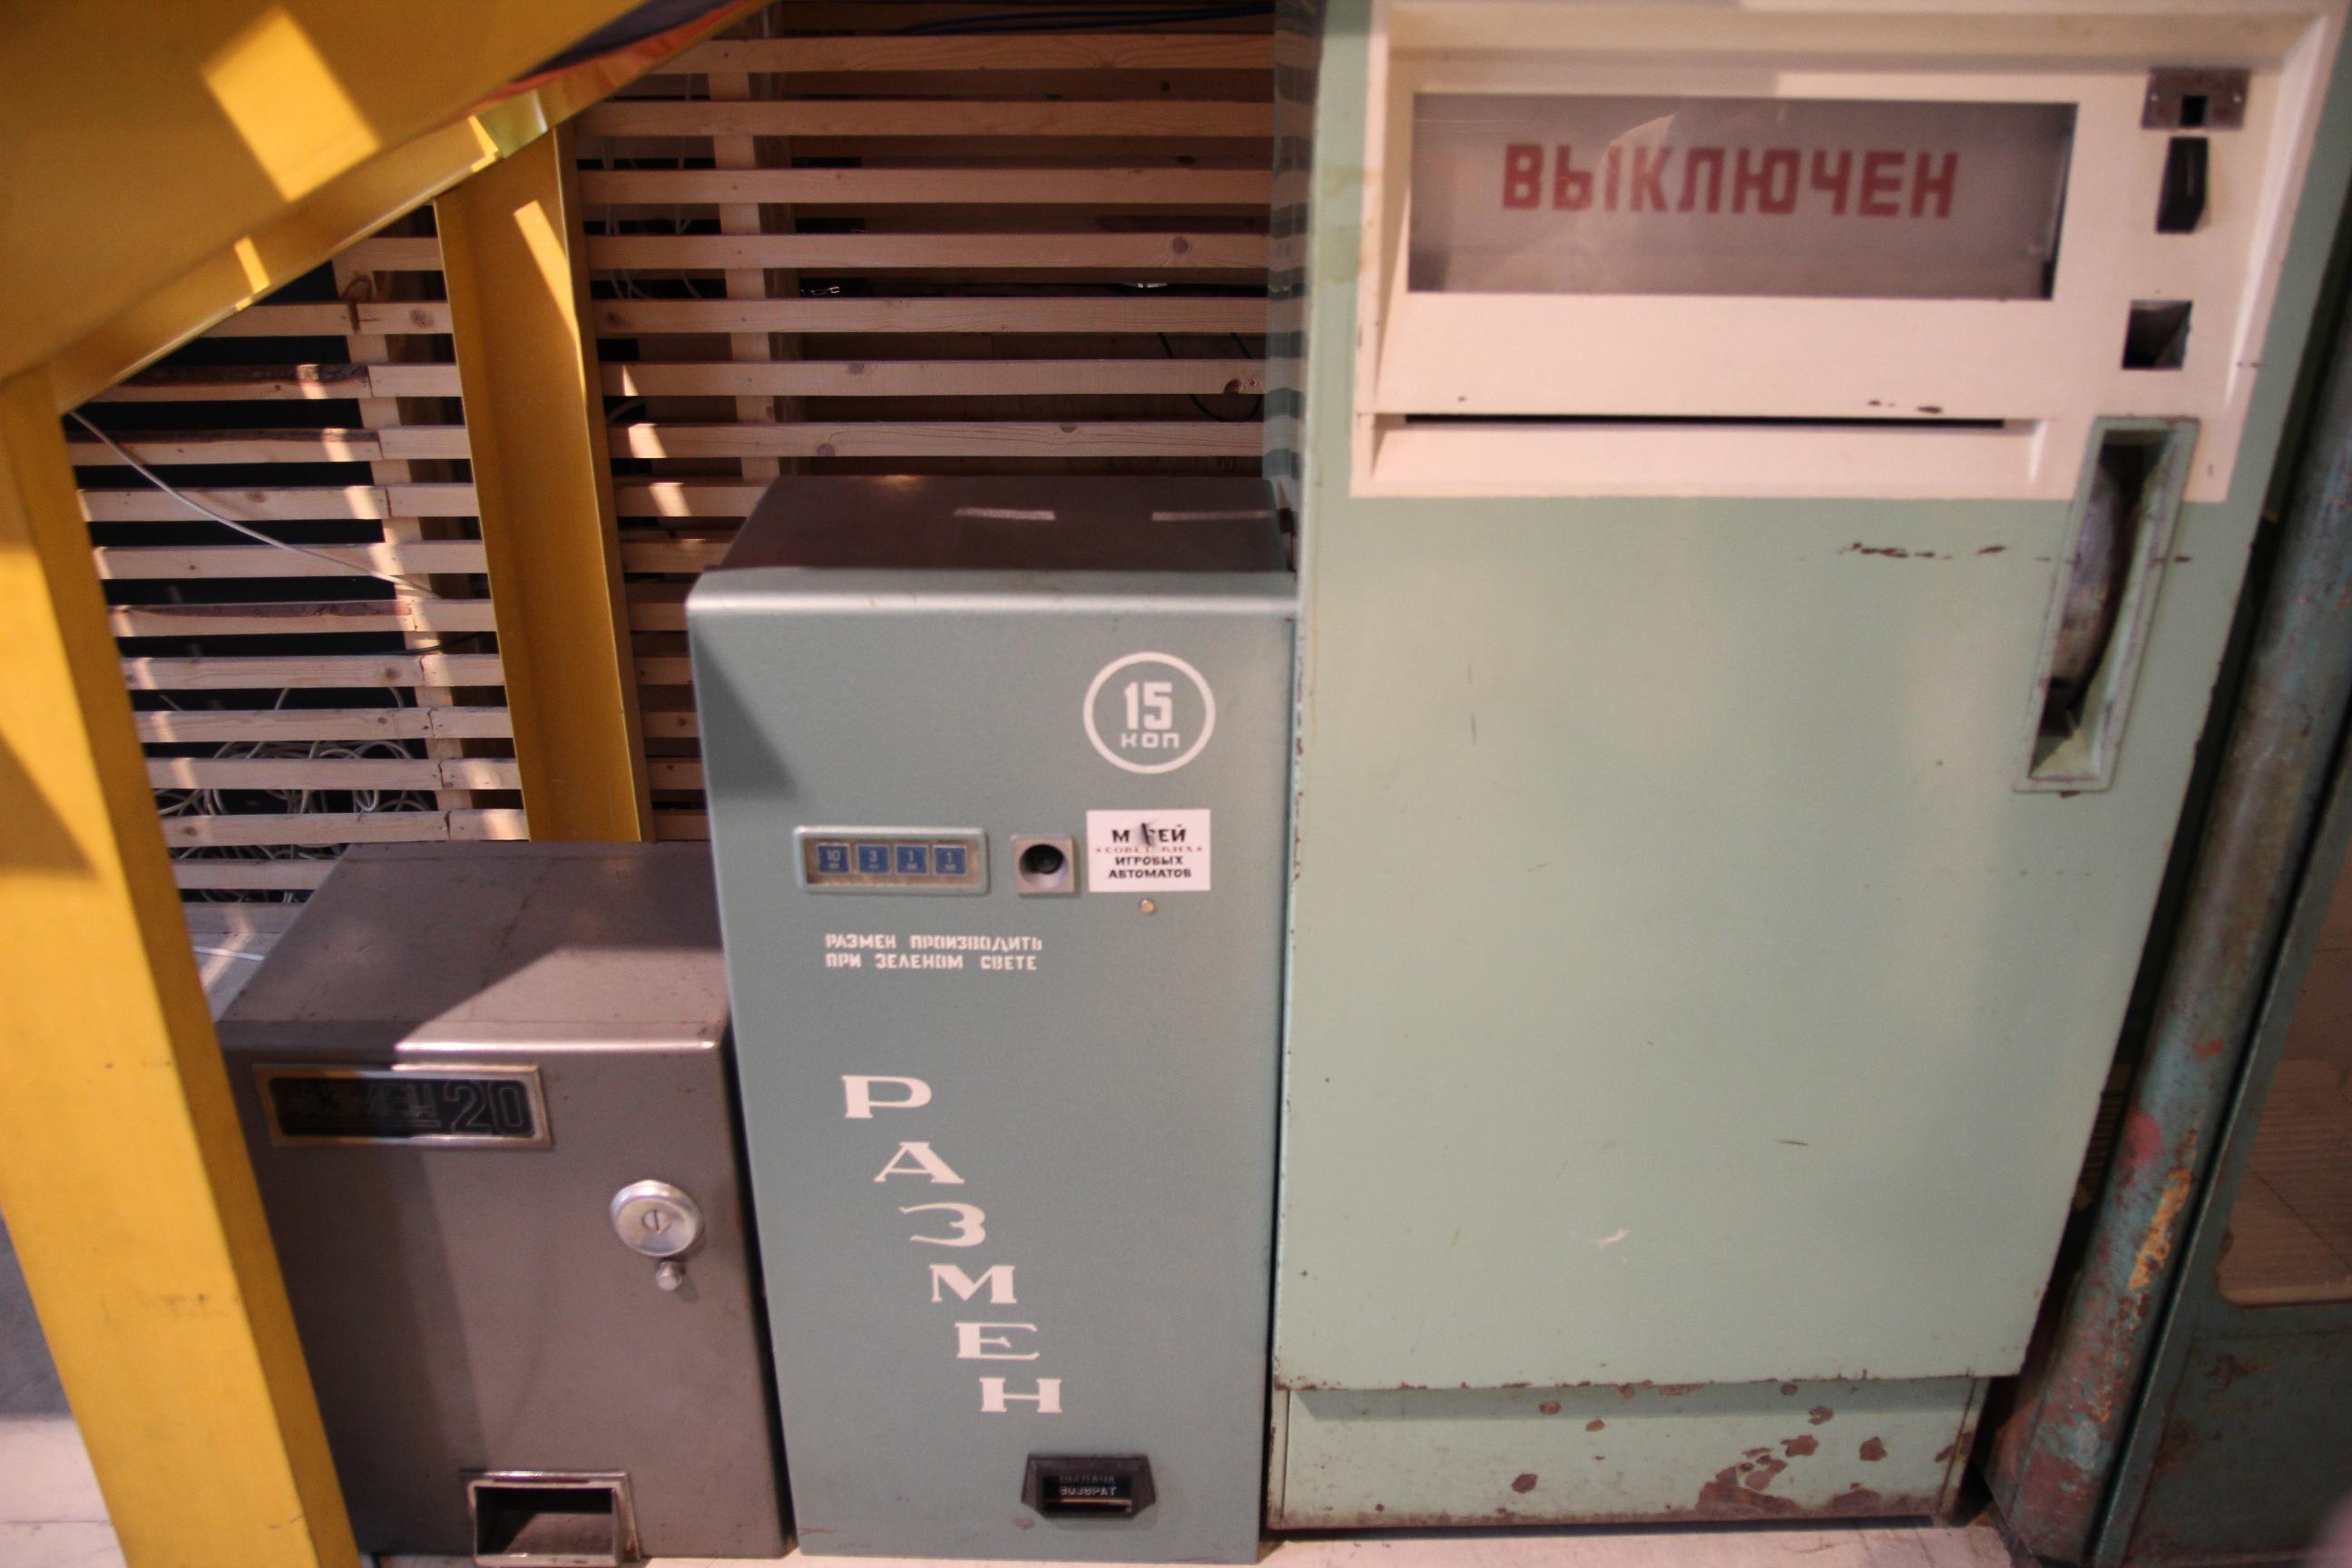 Pénzváltó automata